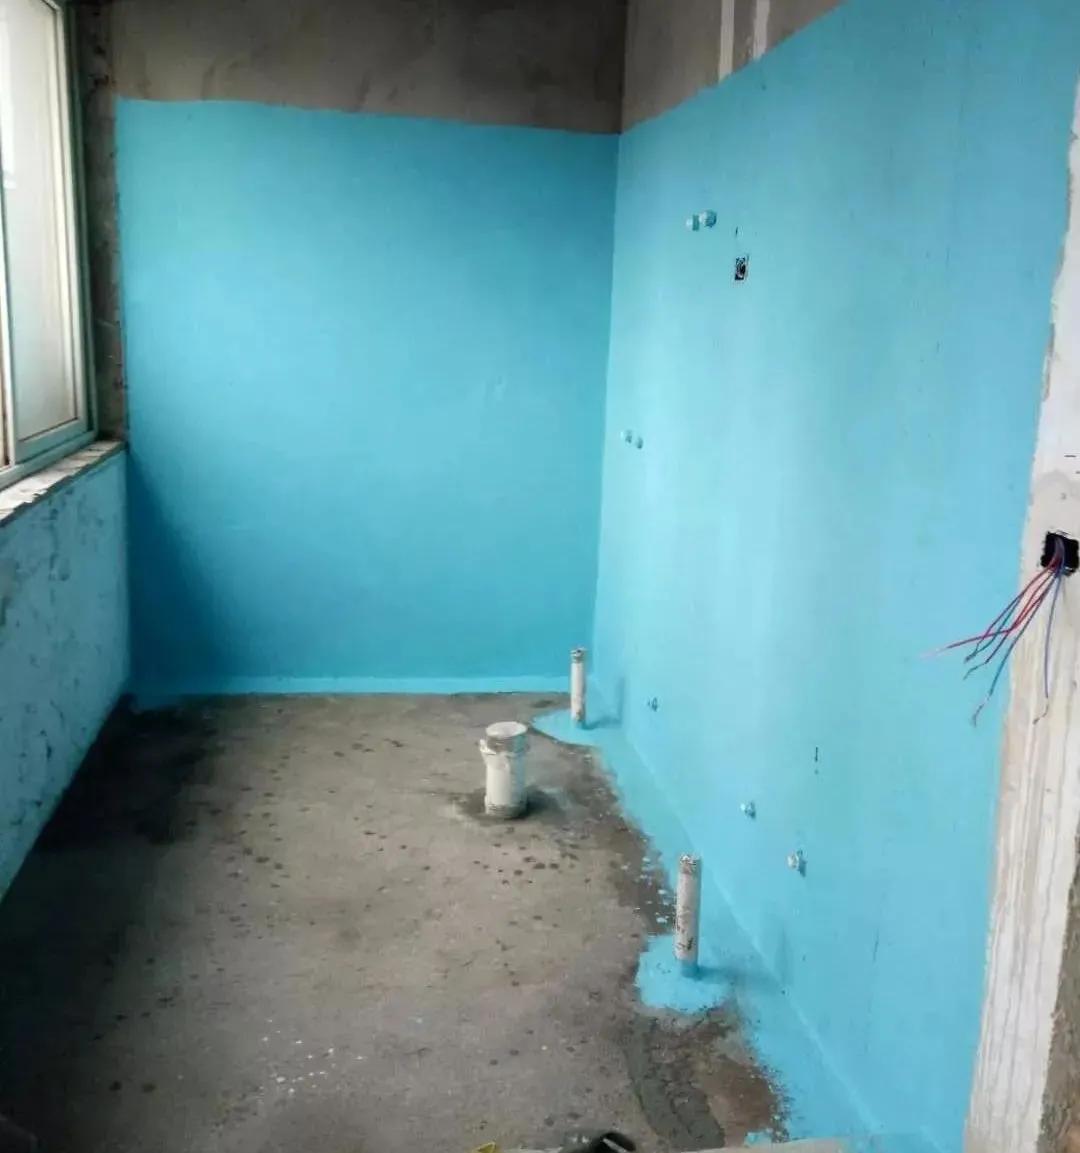 厨房、卫生间的地面、墙面一般防水层会容易潮湿霉变?